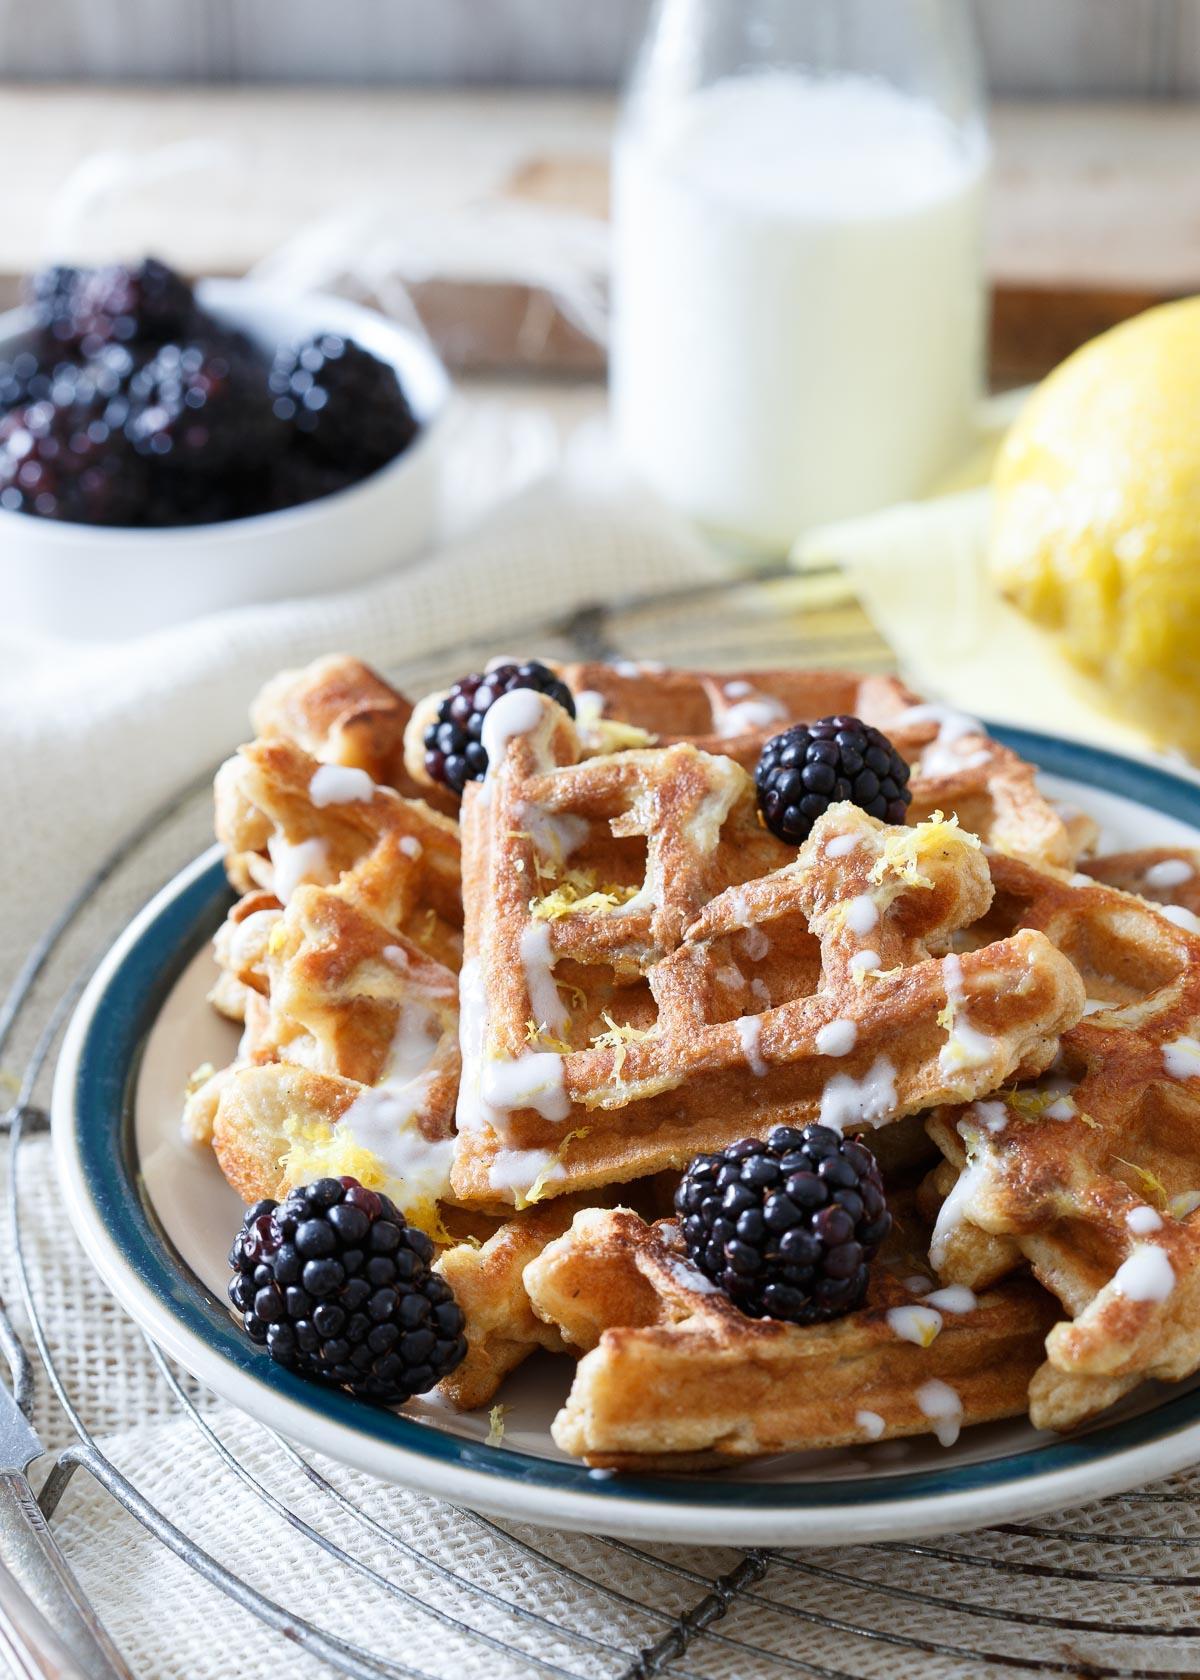 Lemon-Vanilla-Waffle-French-Toast-3